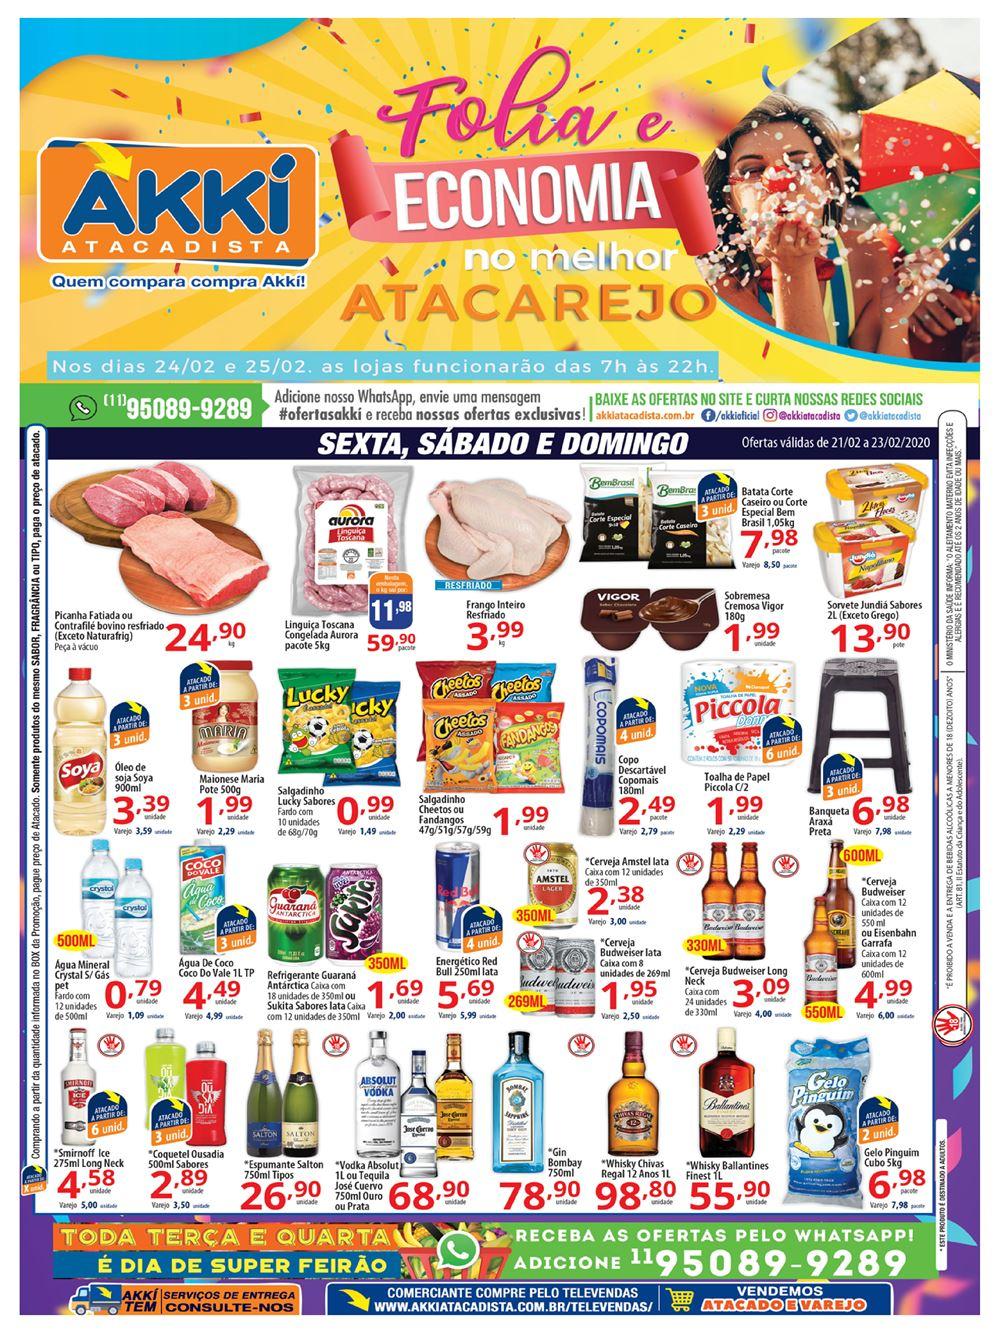 akki-Ofertas-Descontos-Hoje1 Ofertas de supermercados - Hoje